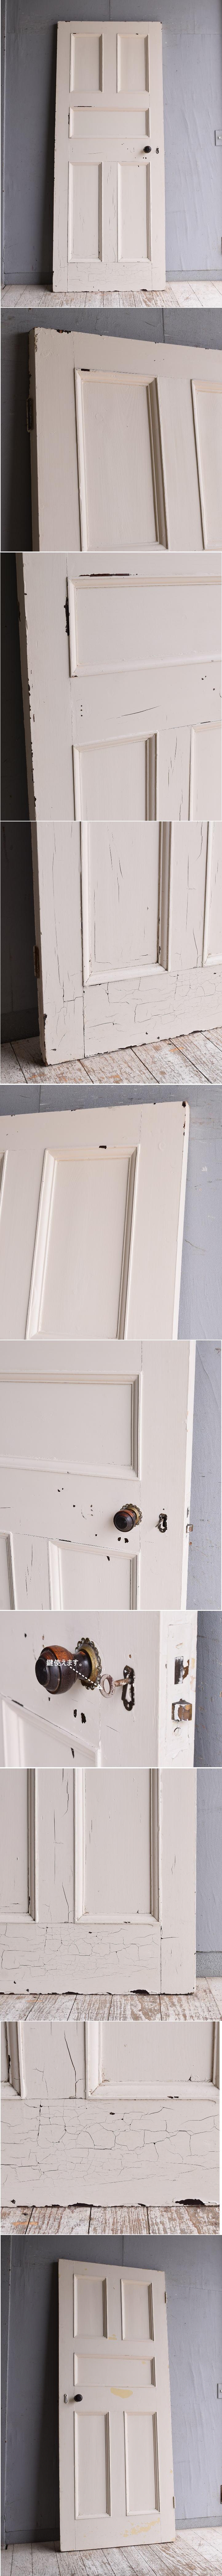 イギリス アンティーク ドア 扉 建具 9519